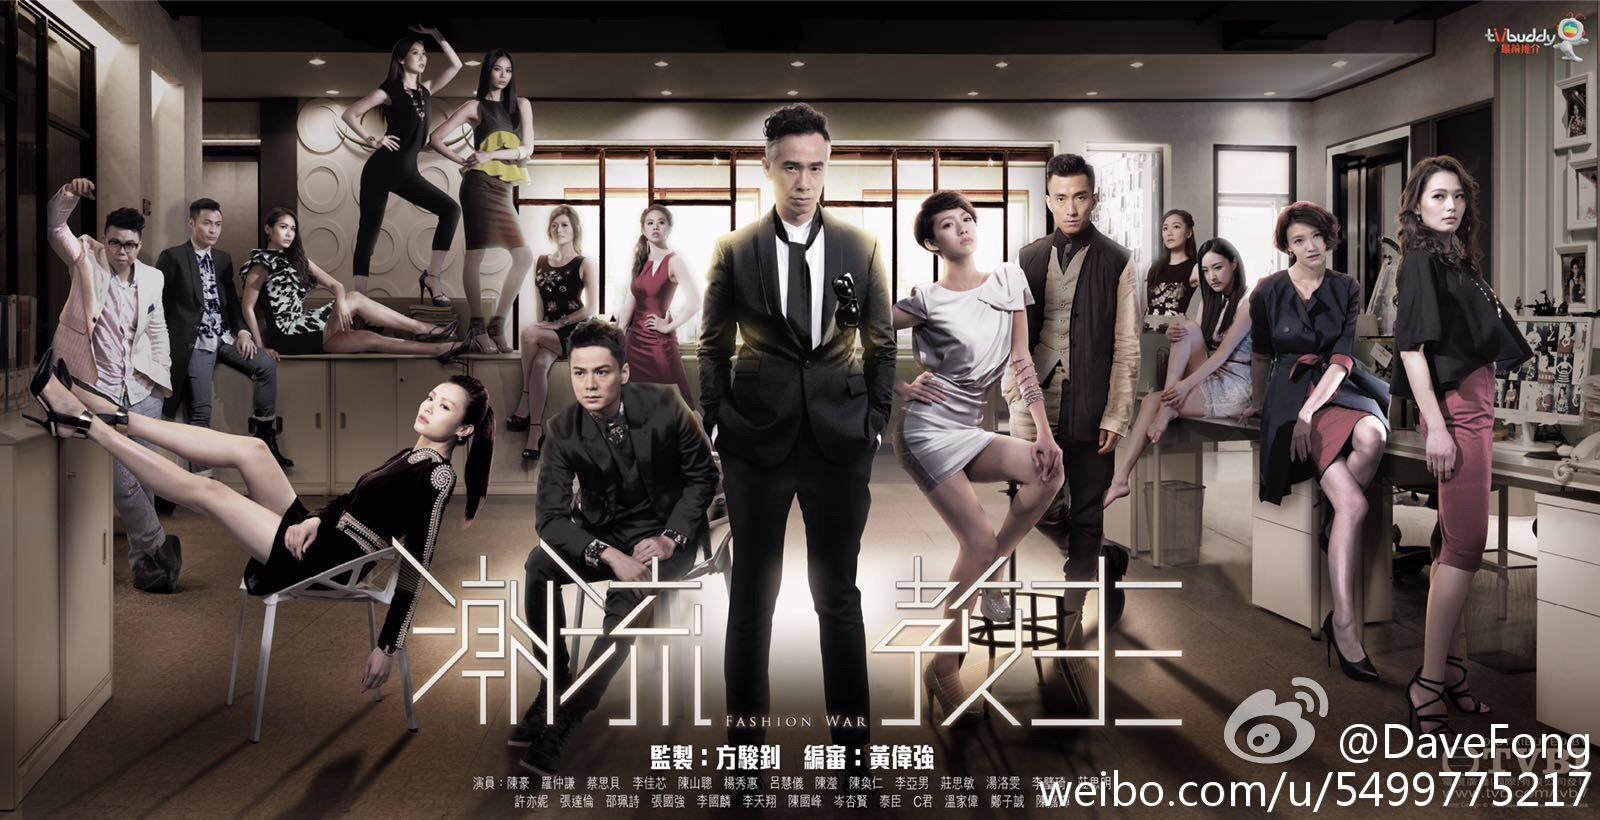 Tạp Chí Thời Trang - Fashion War TVB 2016